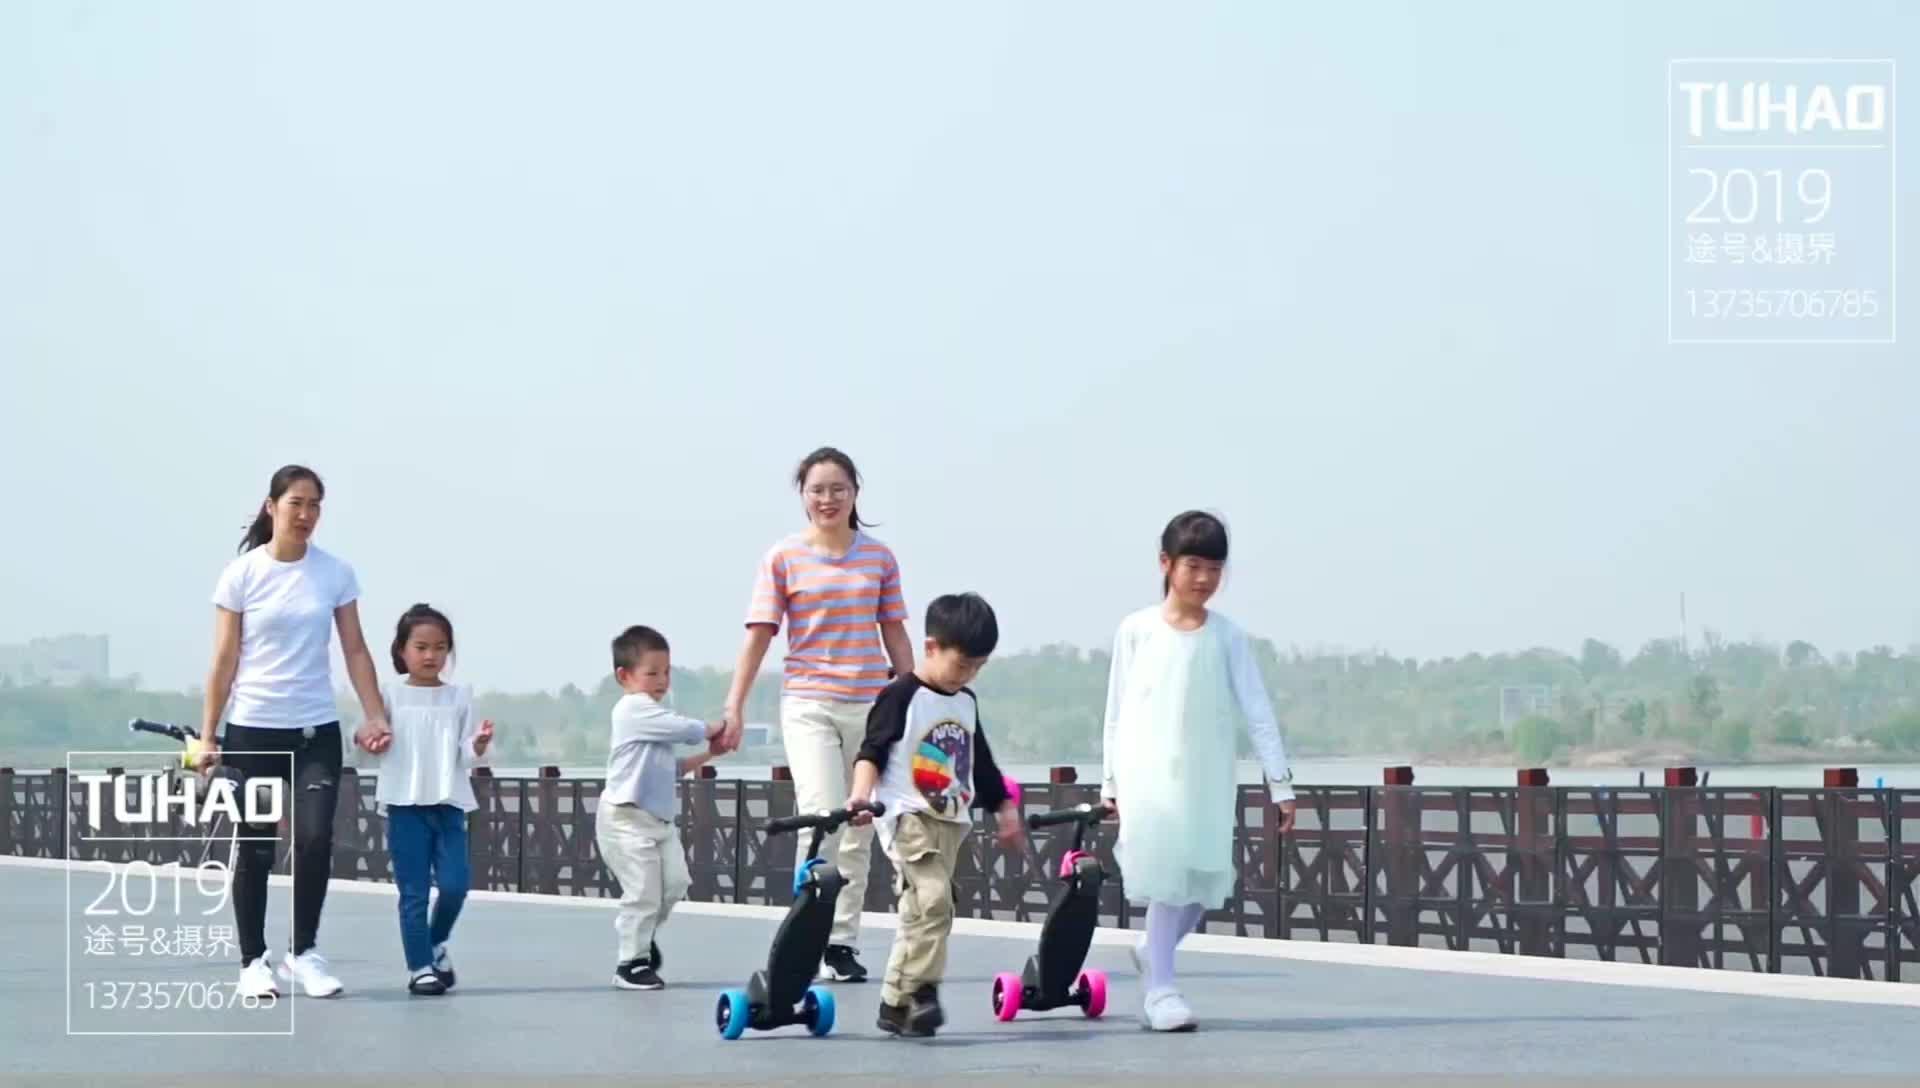 أطفال 3 عجلة سكوتر الكهربائية طوي التنقل سكوتر